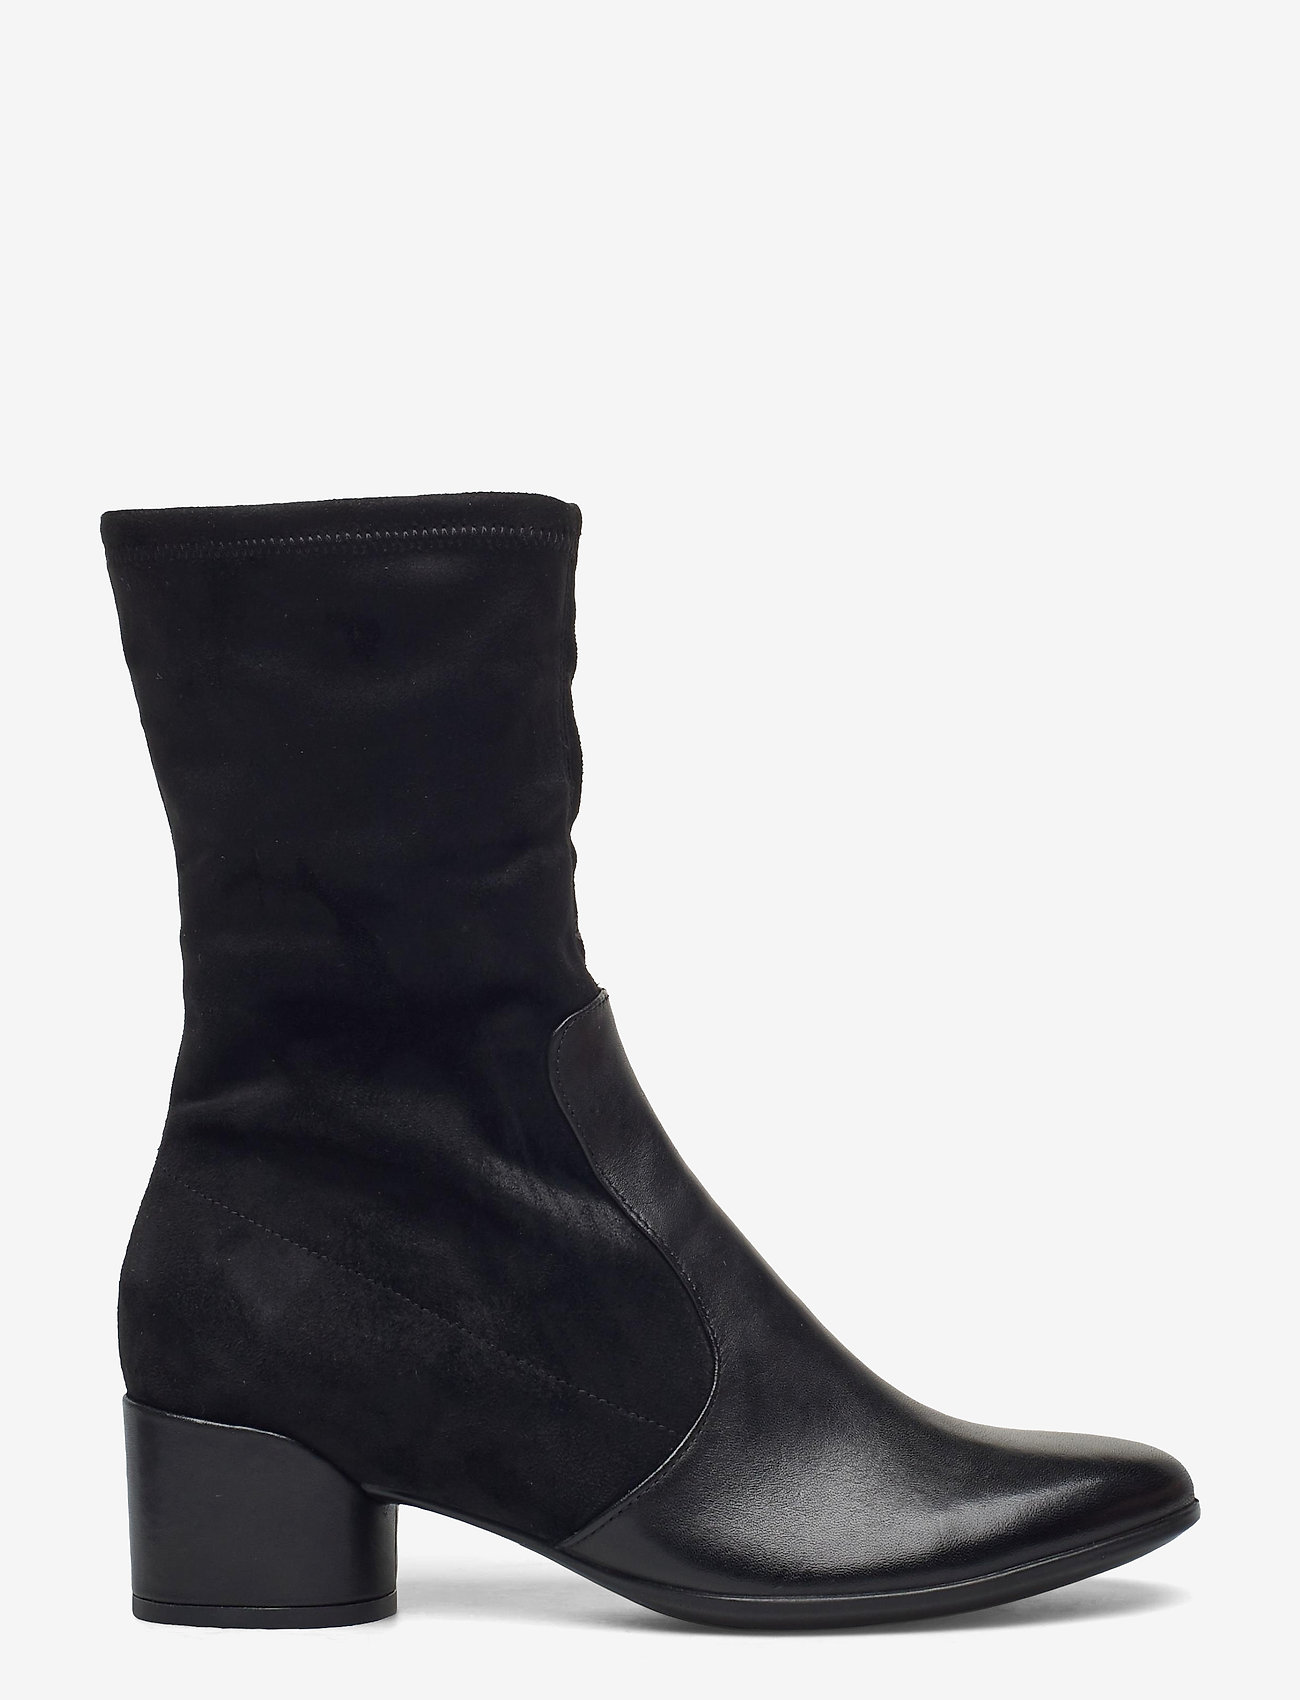 ECCO - SHAPE 35 MOD BLOCK - lange laarzen - black/black - 1